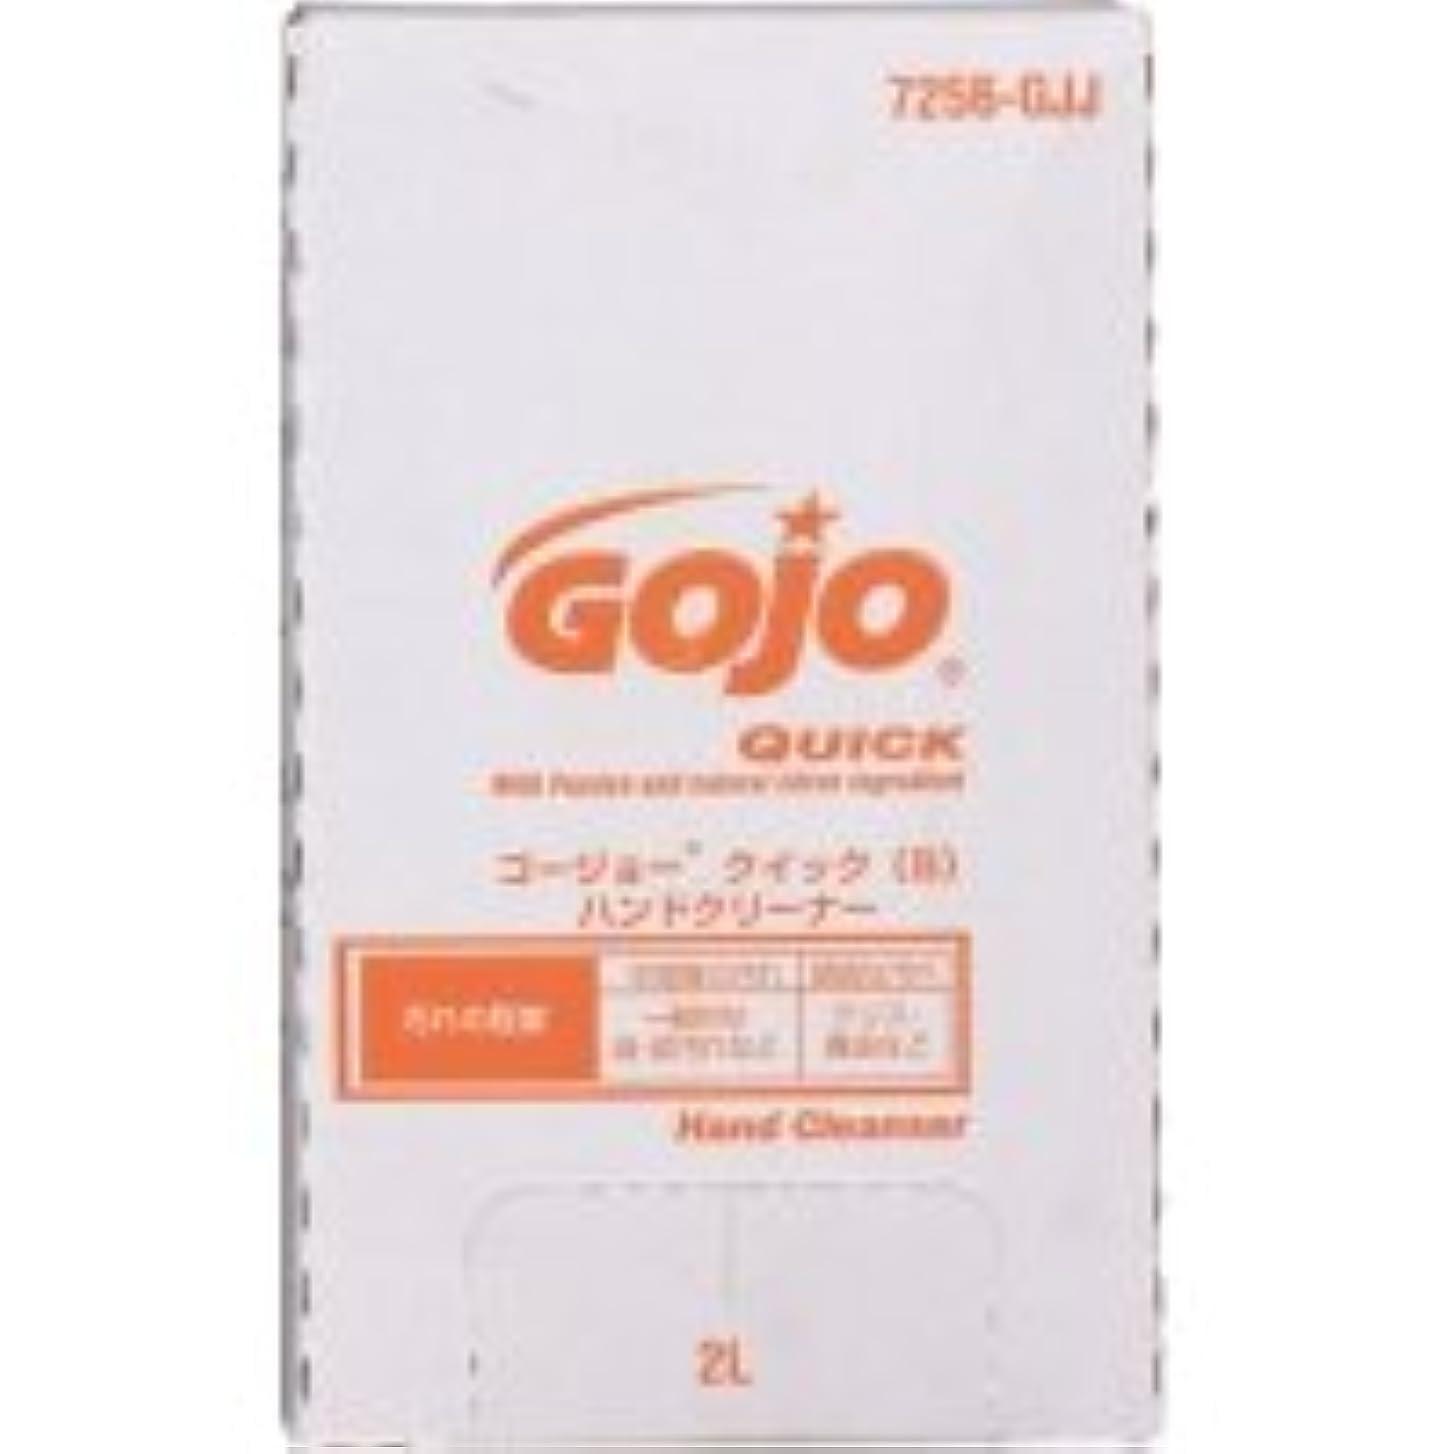 ホイップ好きである環境保護主義者GOJO クイック(S)ハンドクリーナー ディスペンサー用 2000ml 1個